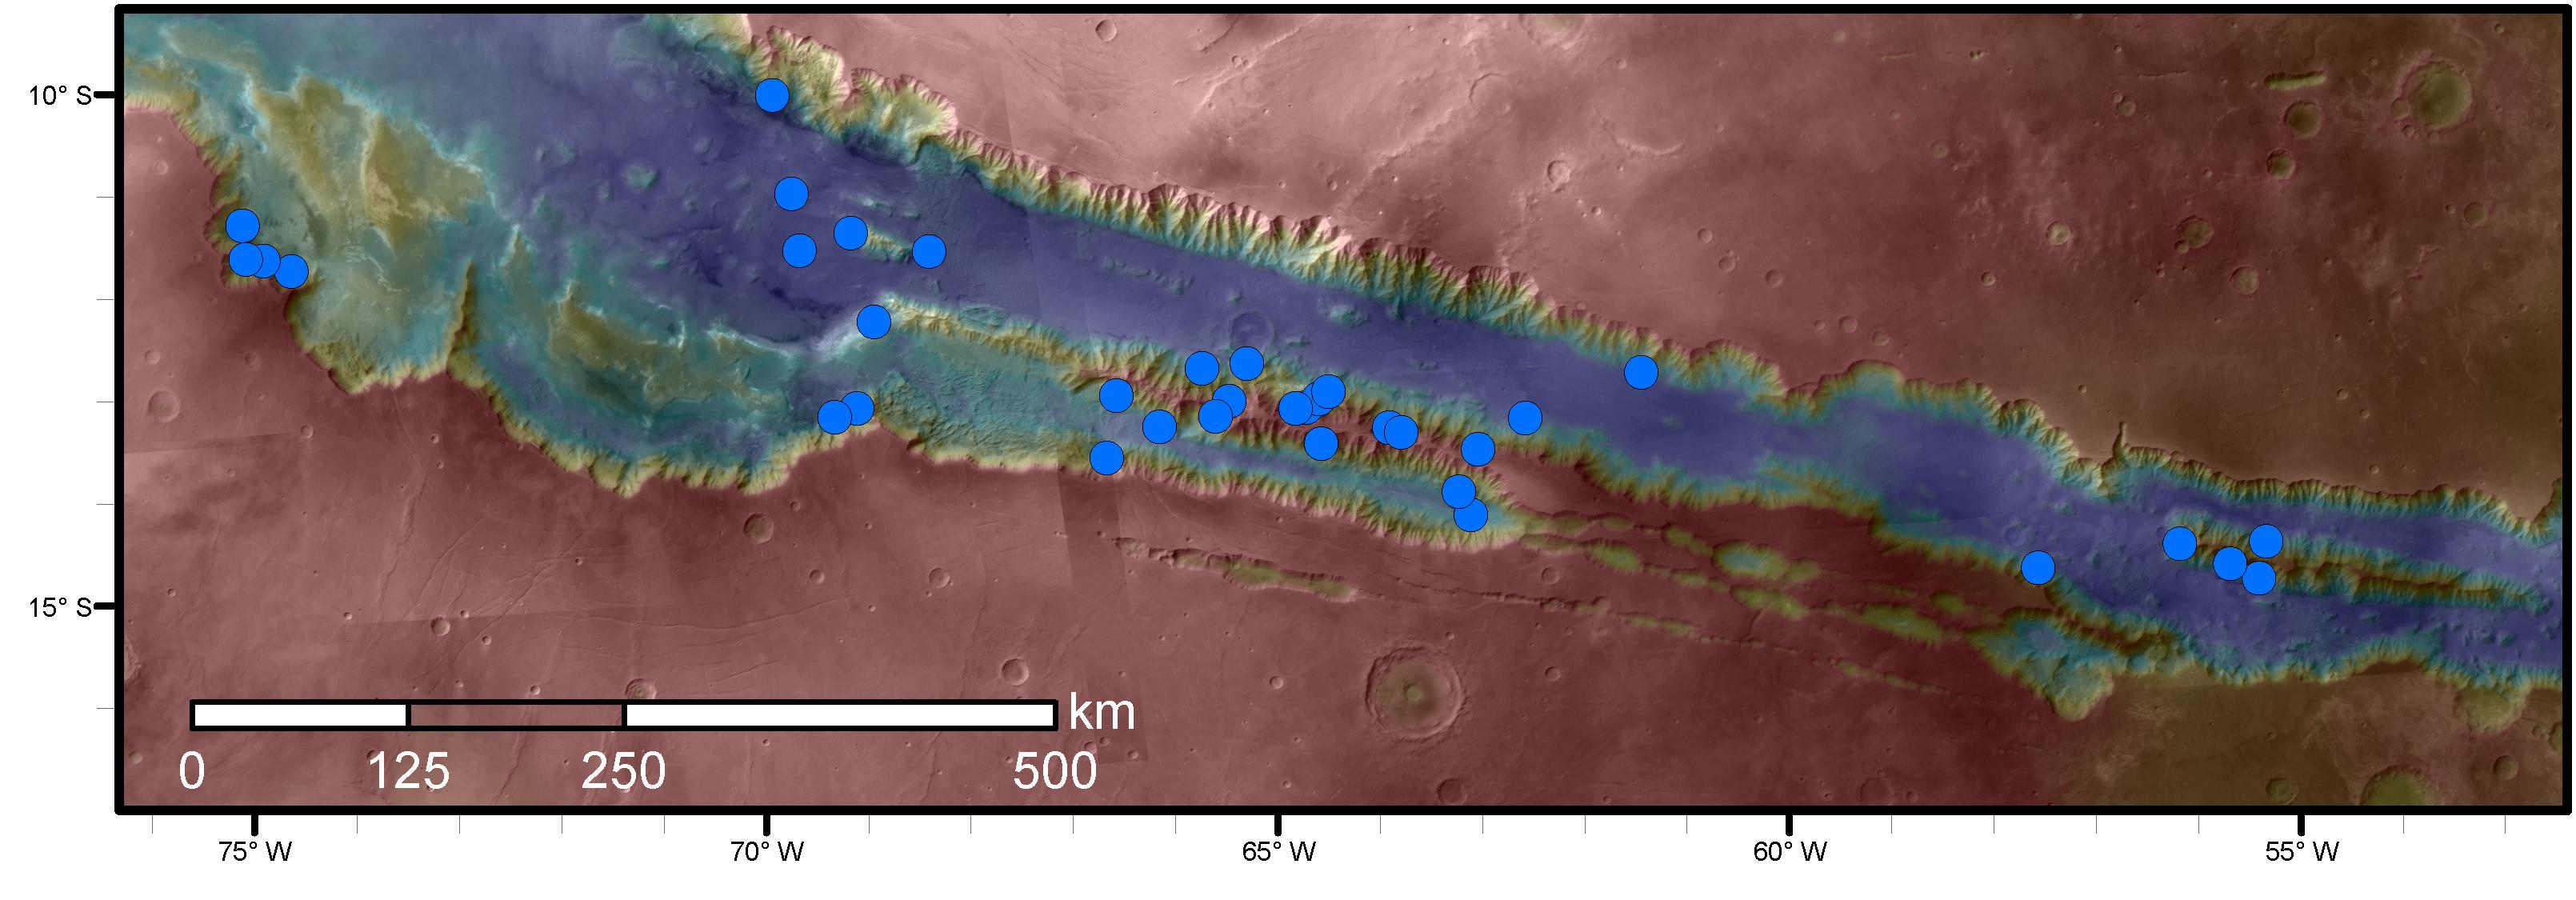 Tracce d'acqua anche nei canyon marziani?